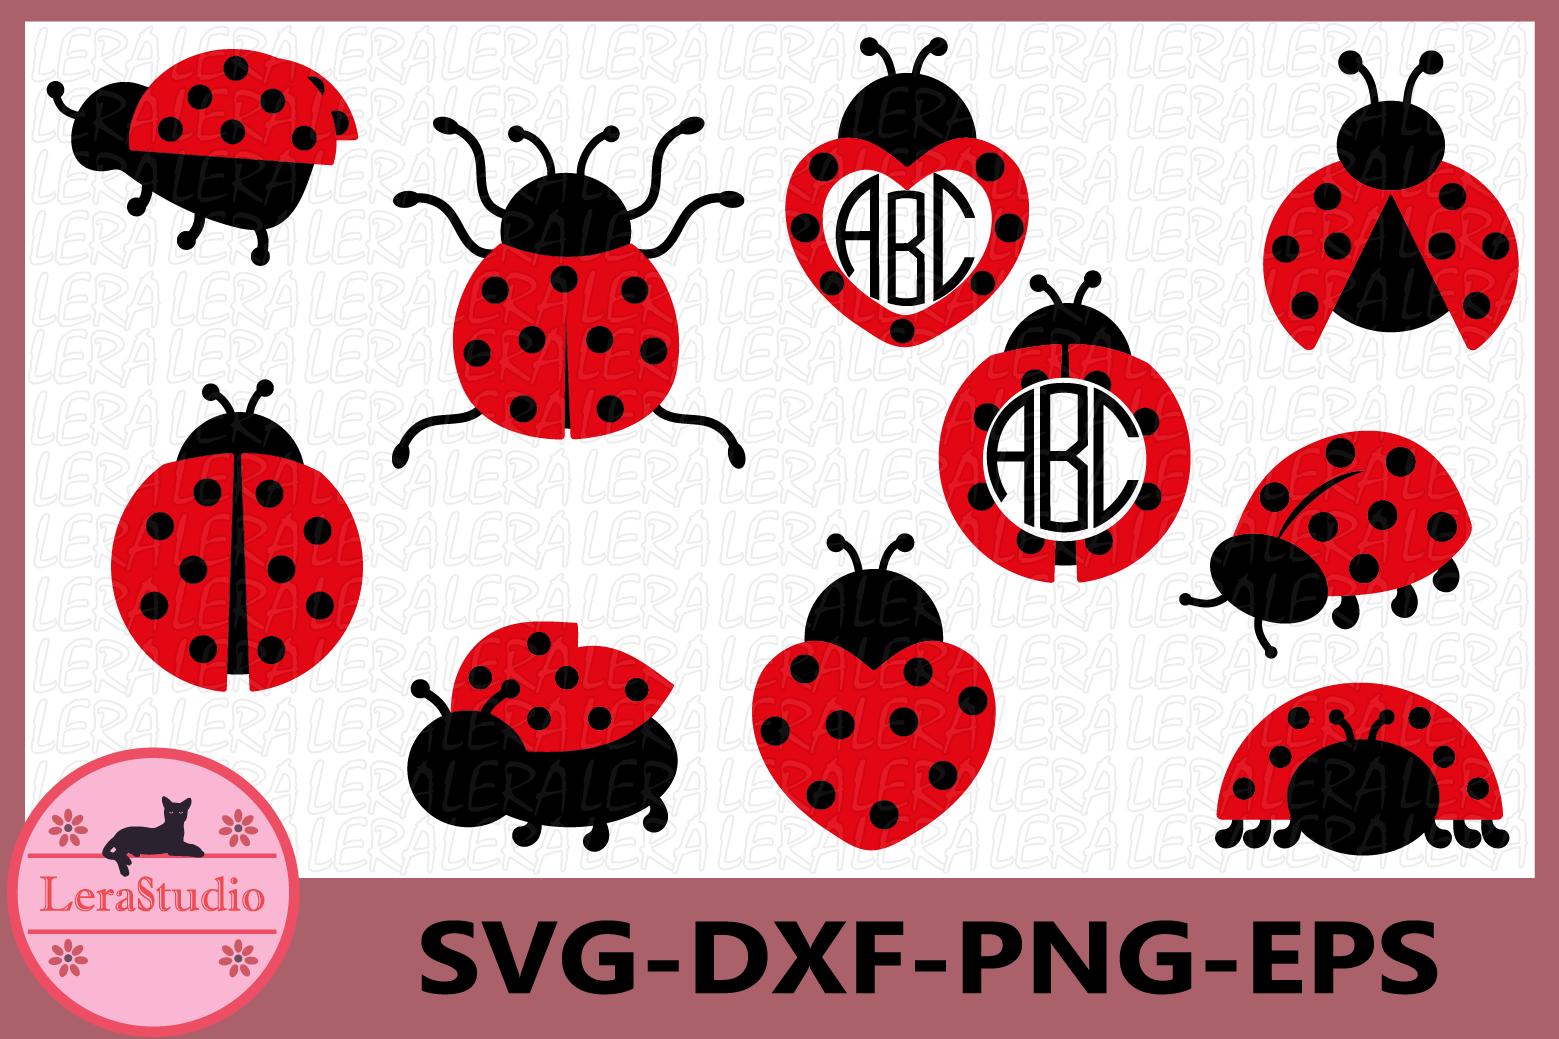 Ladybug svg, Ladybug Monogram Frames SVG, Ladybugs Svg example image 1